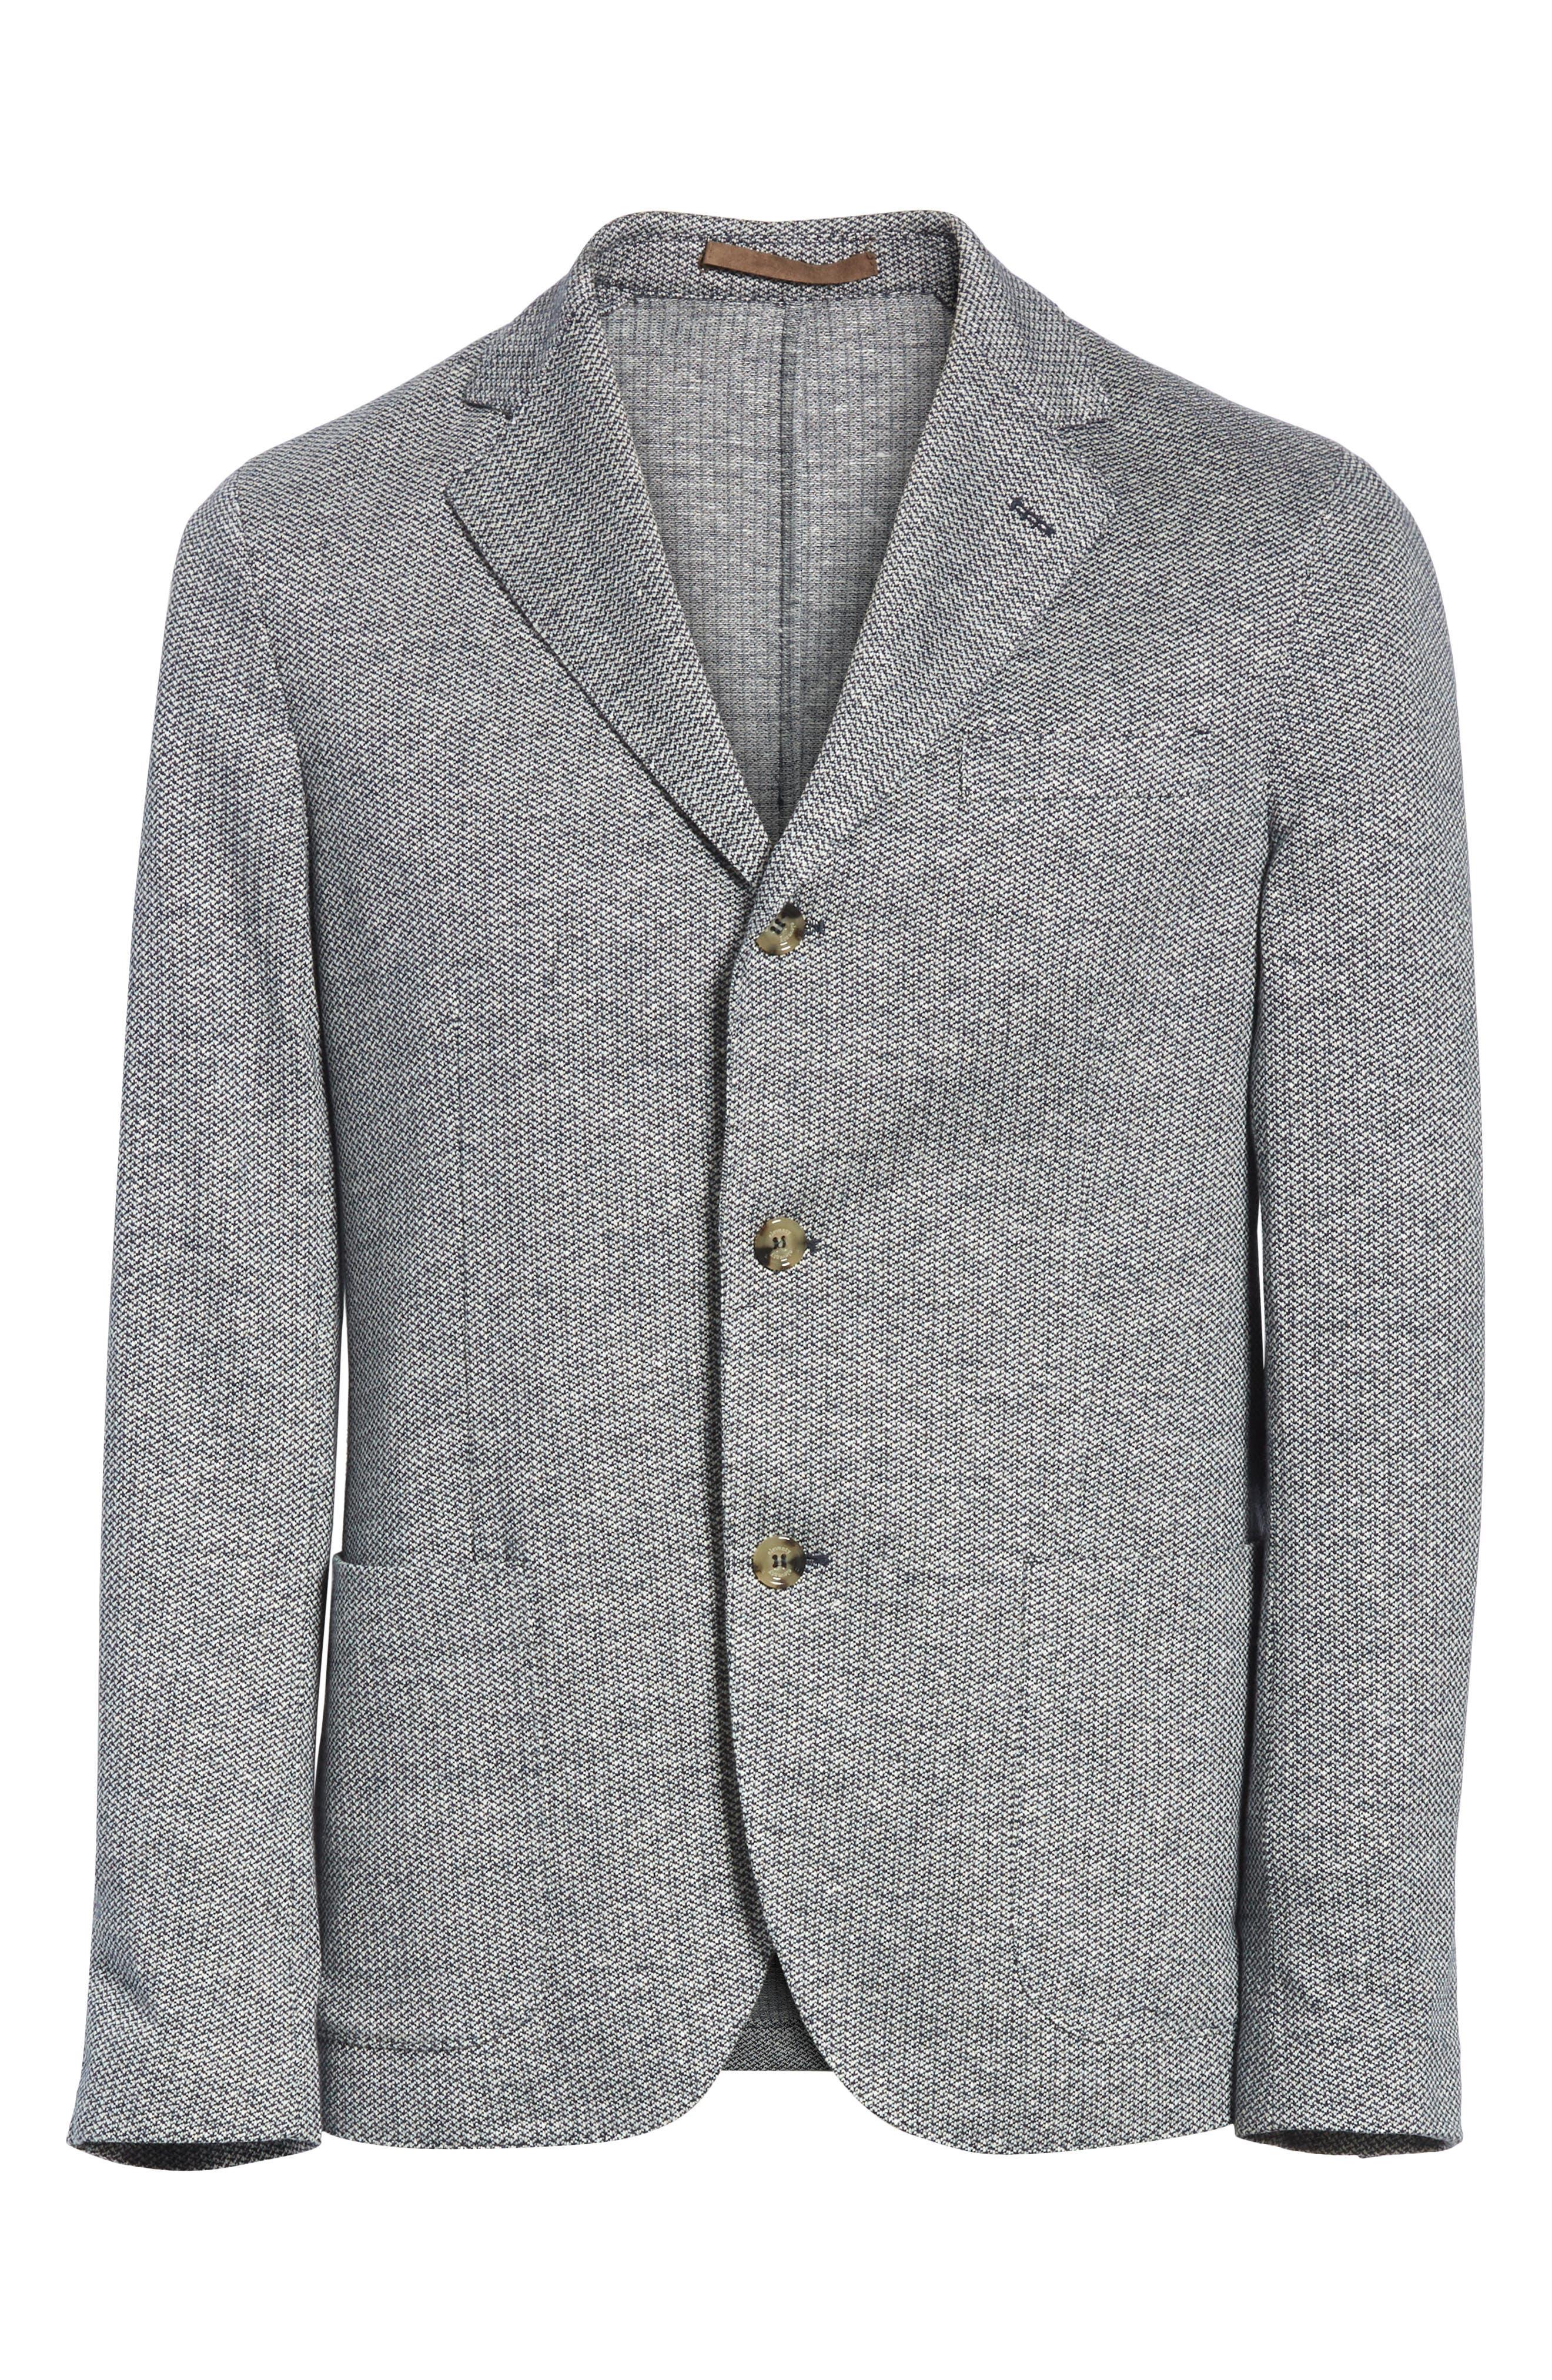 Trim Fit Linen & Cotton Blazer,                             Alternate thumbnail 5, color,                             400